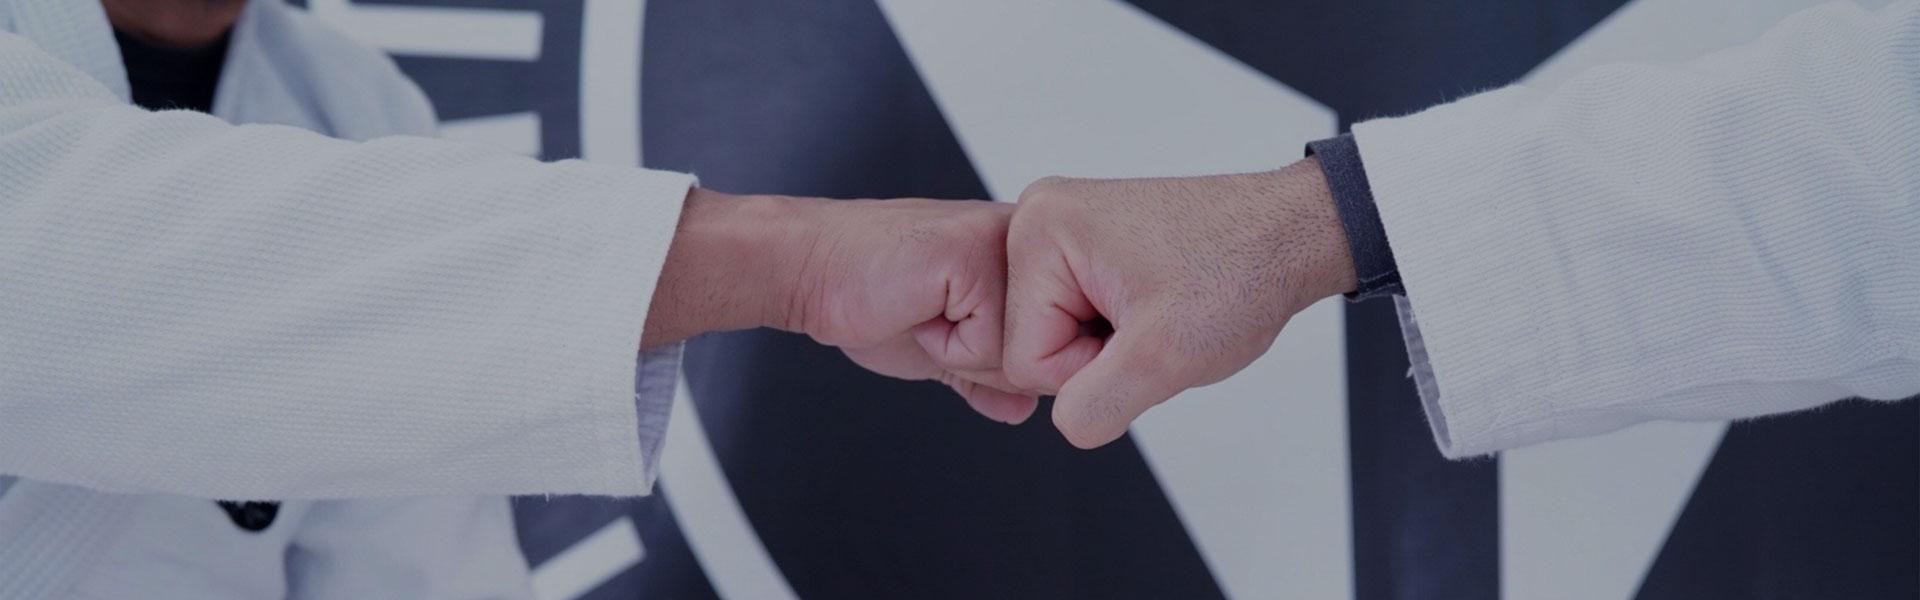 SJJA Contact